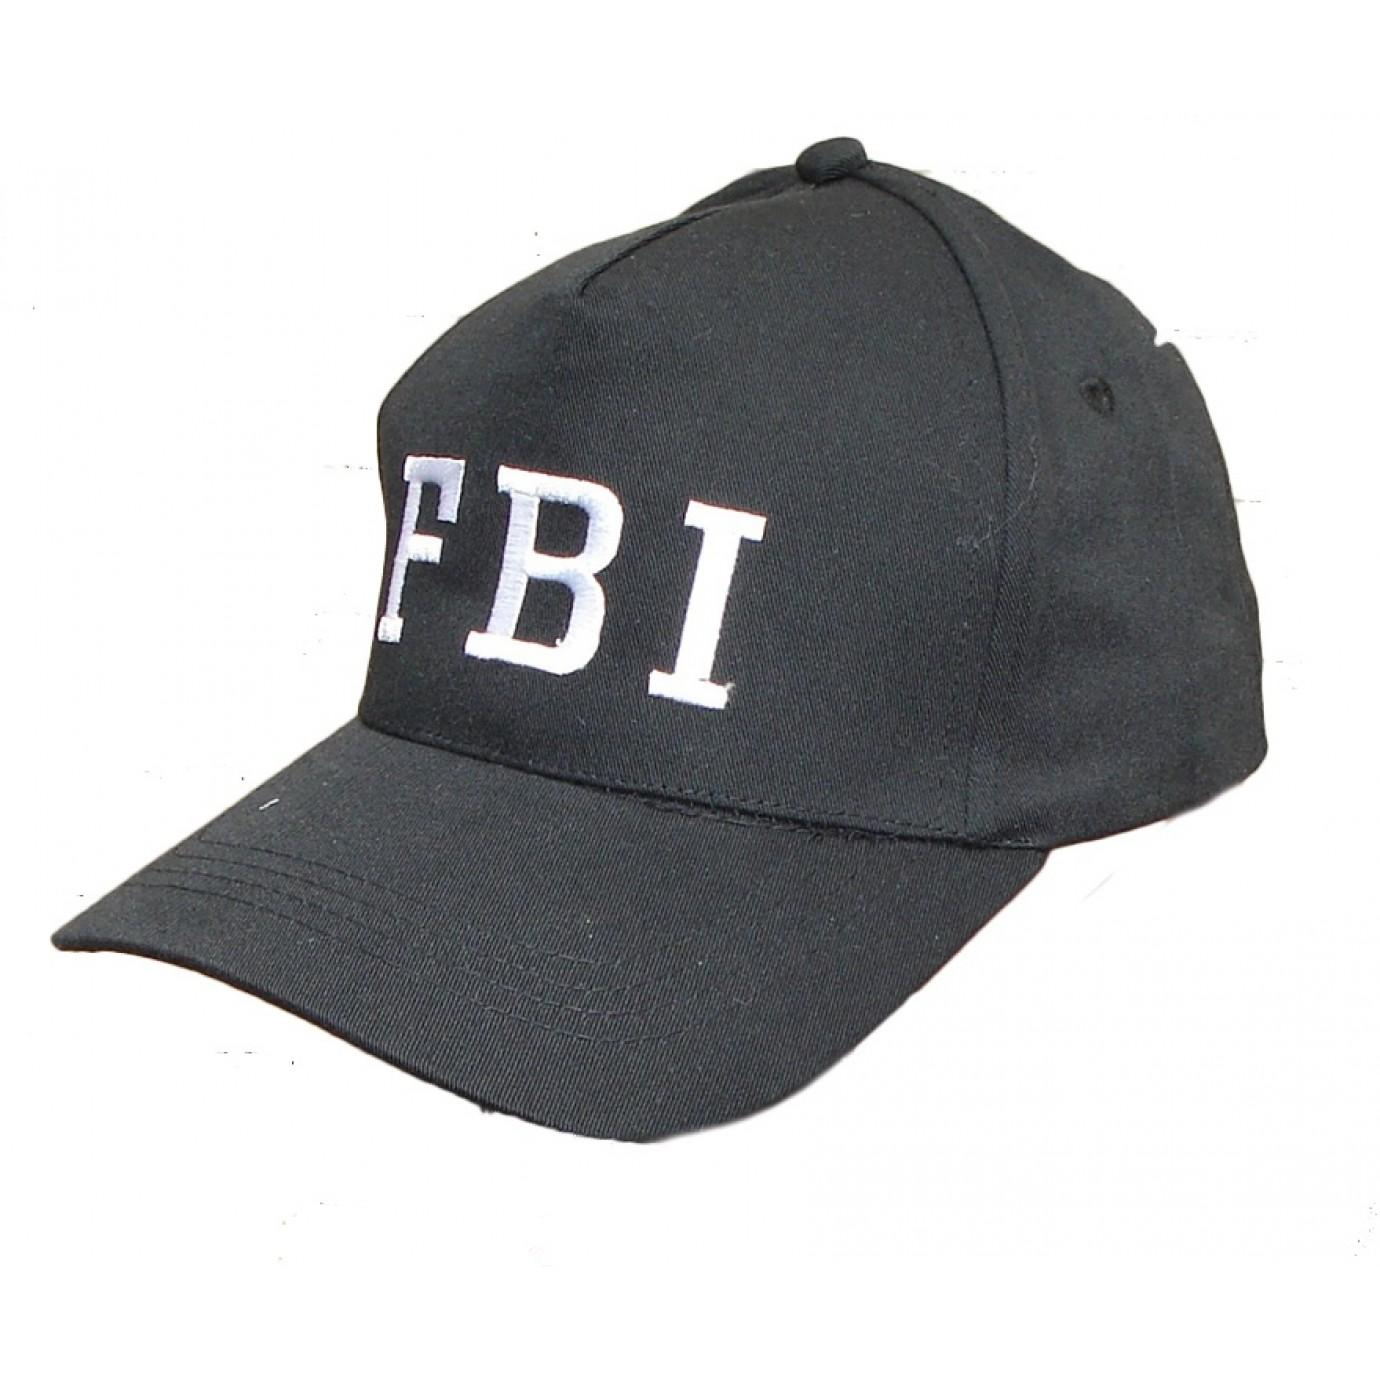 Baseball Cap - F.B.I  c627a767745